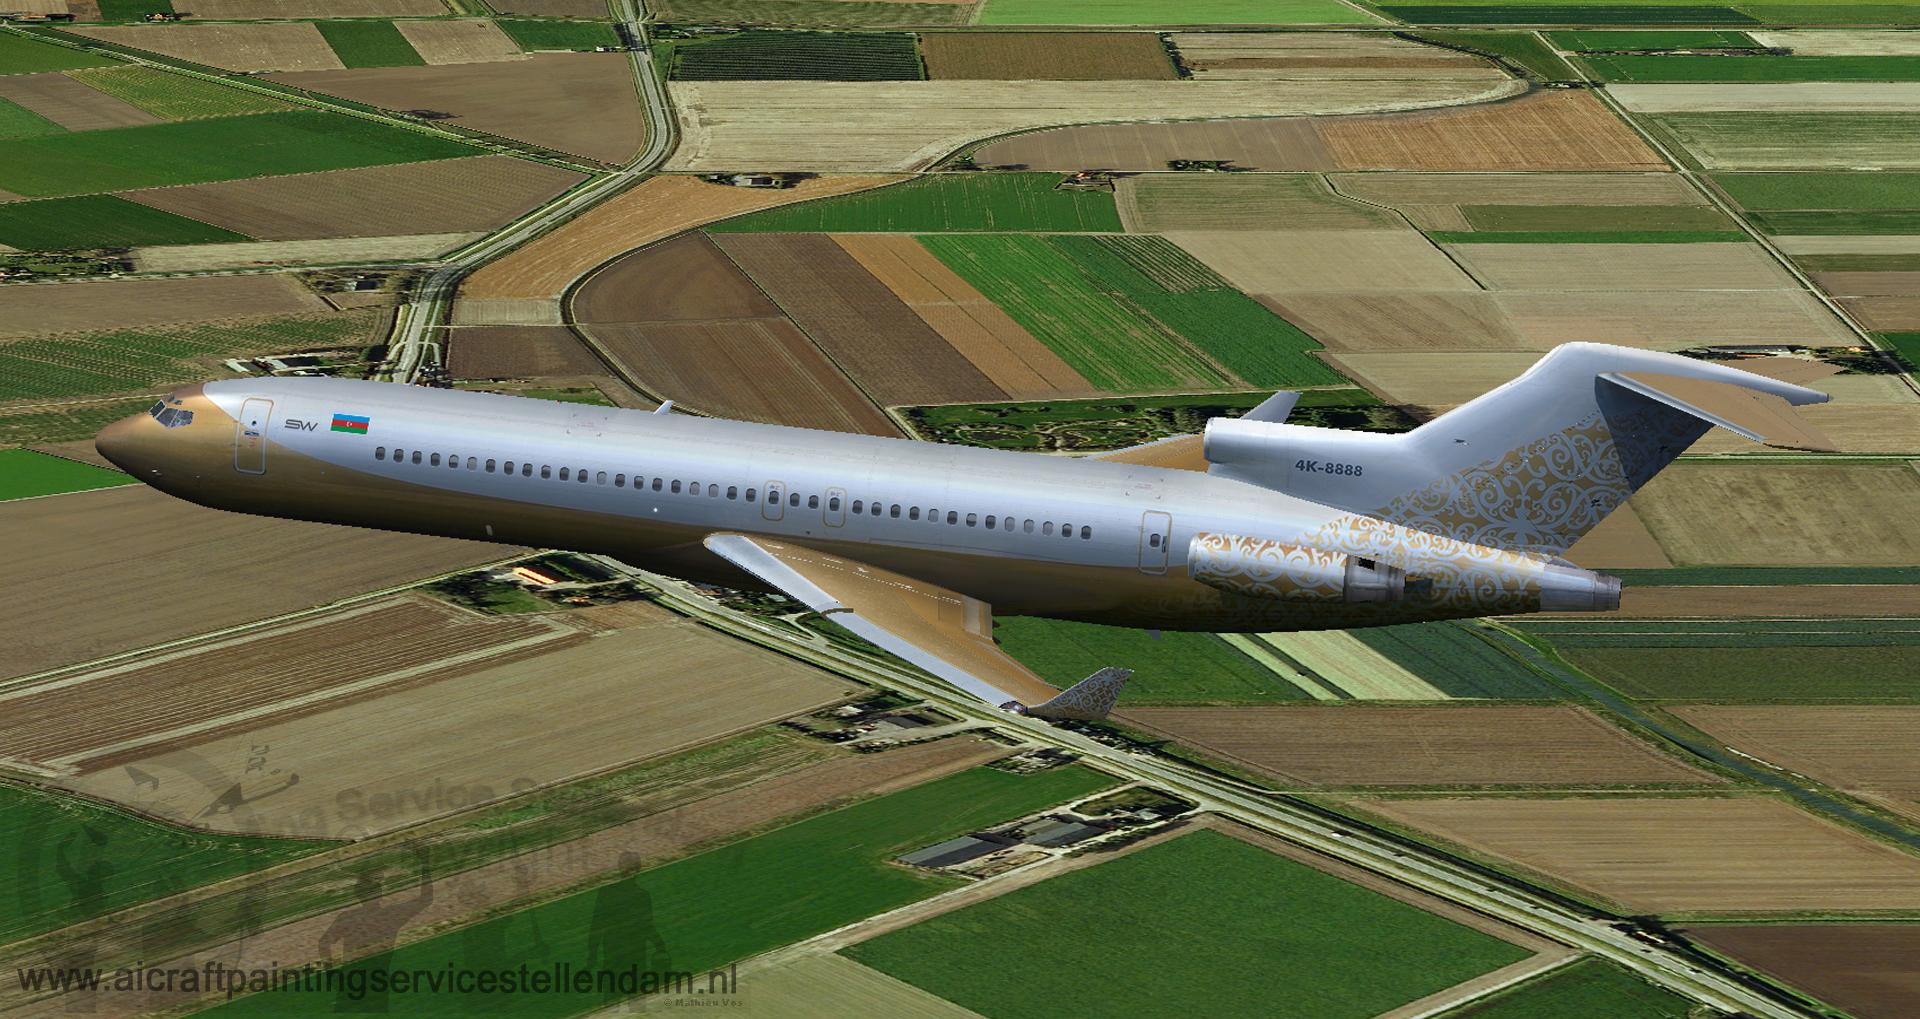 TDSB727-251(A)(WL)_SW_Business_Aviation_4K-8888_5